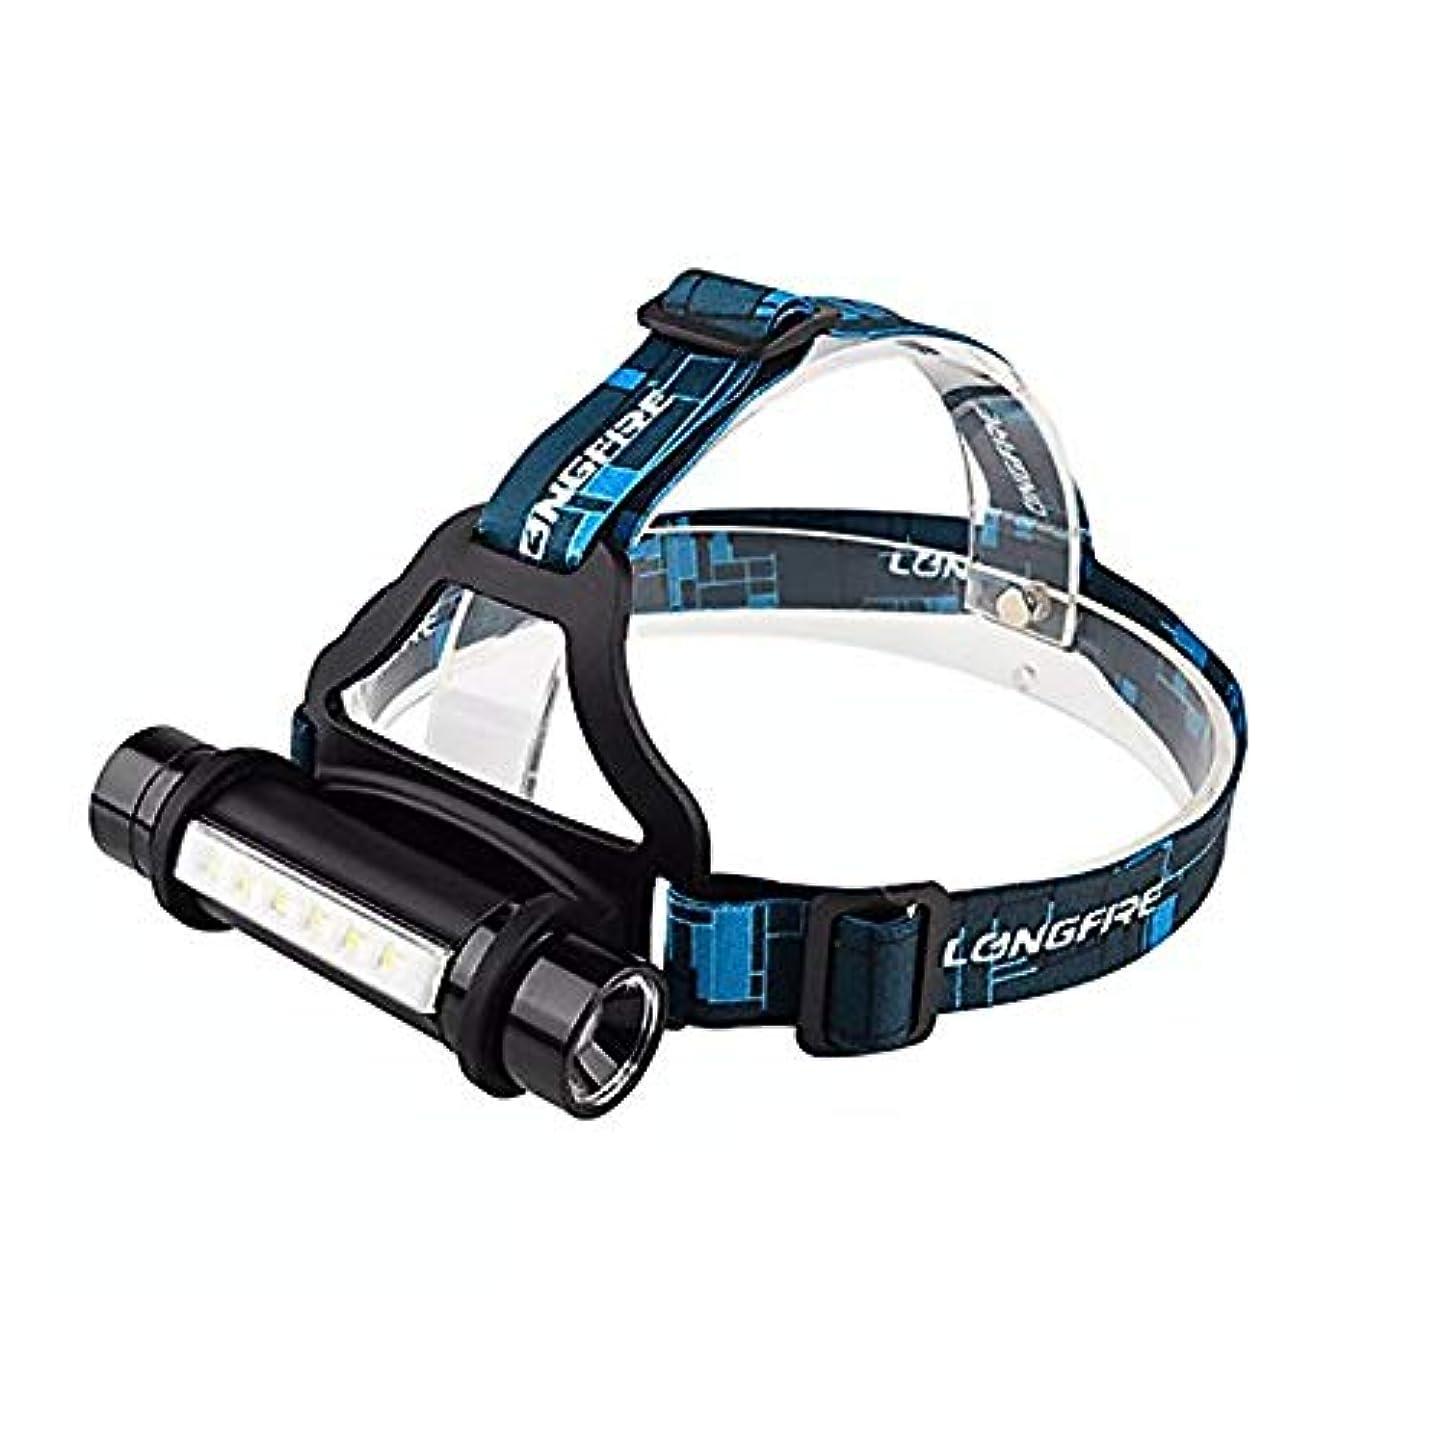 誘発するフォーラム非アクティブErosttd LEDヘッドランプ耐久性、防水性、防塵性のヘッドライトはキャンプやハイキングのギアとして機能します